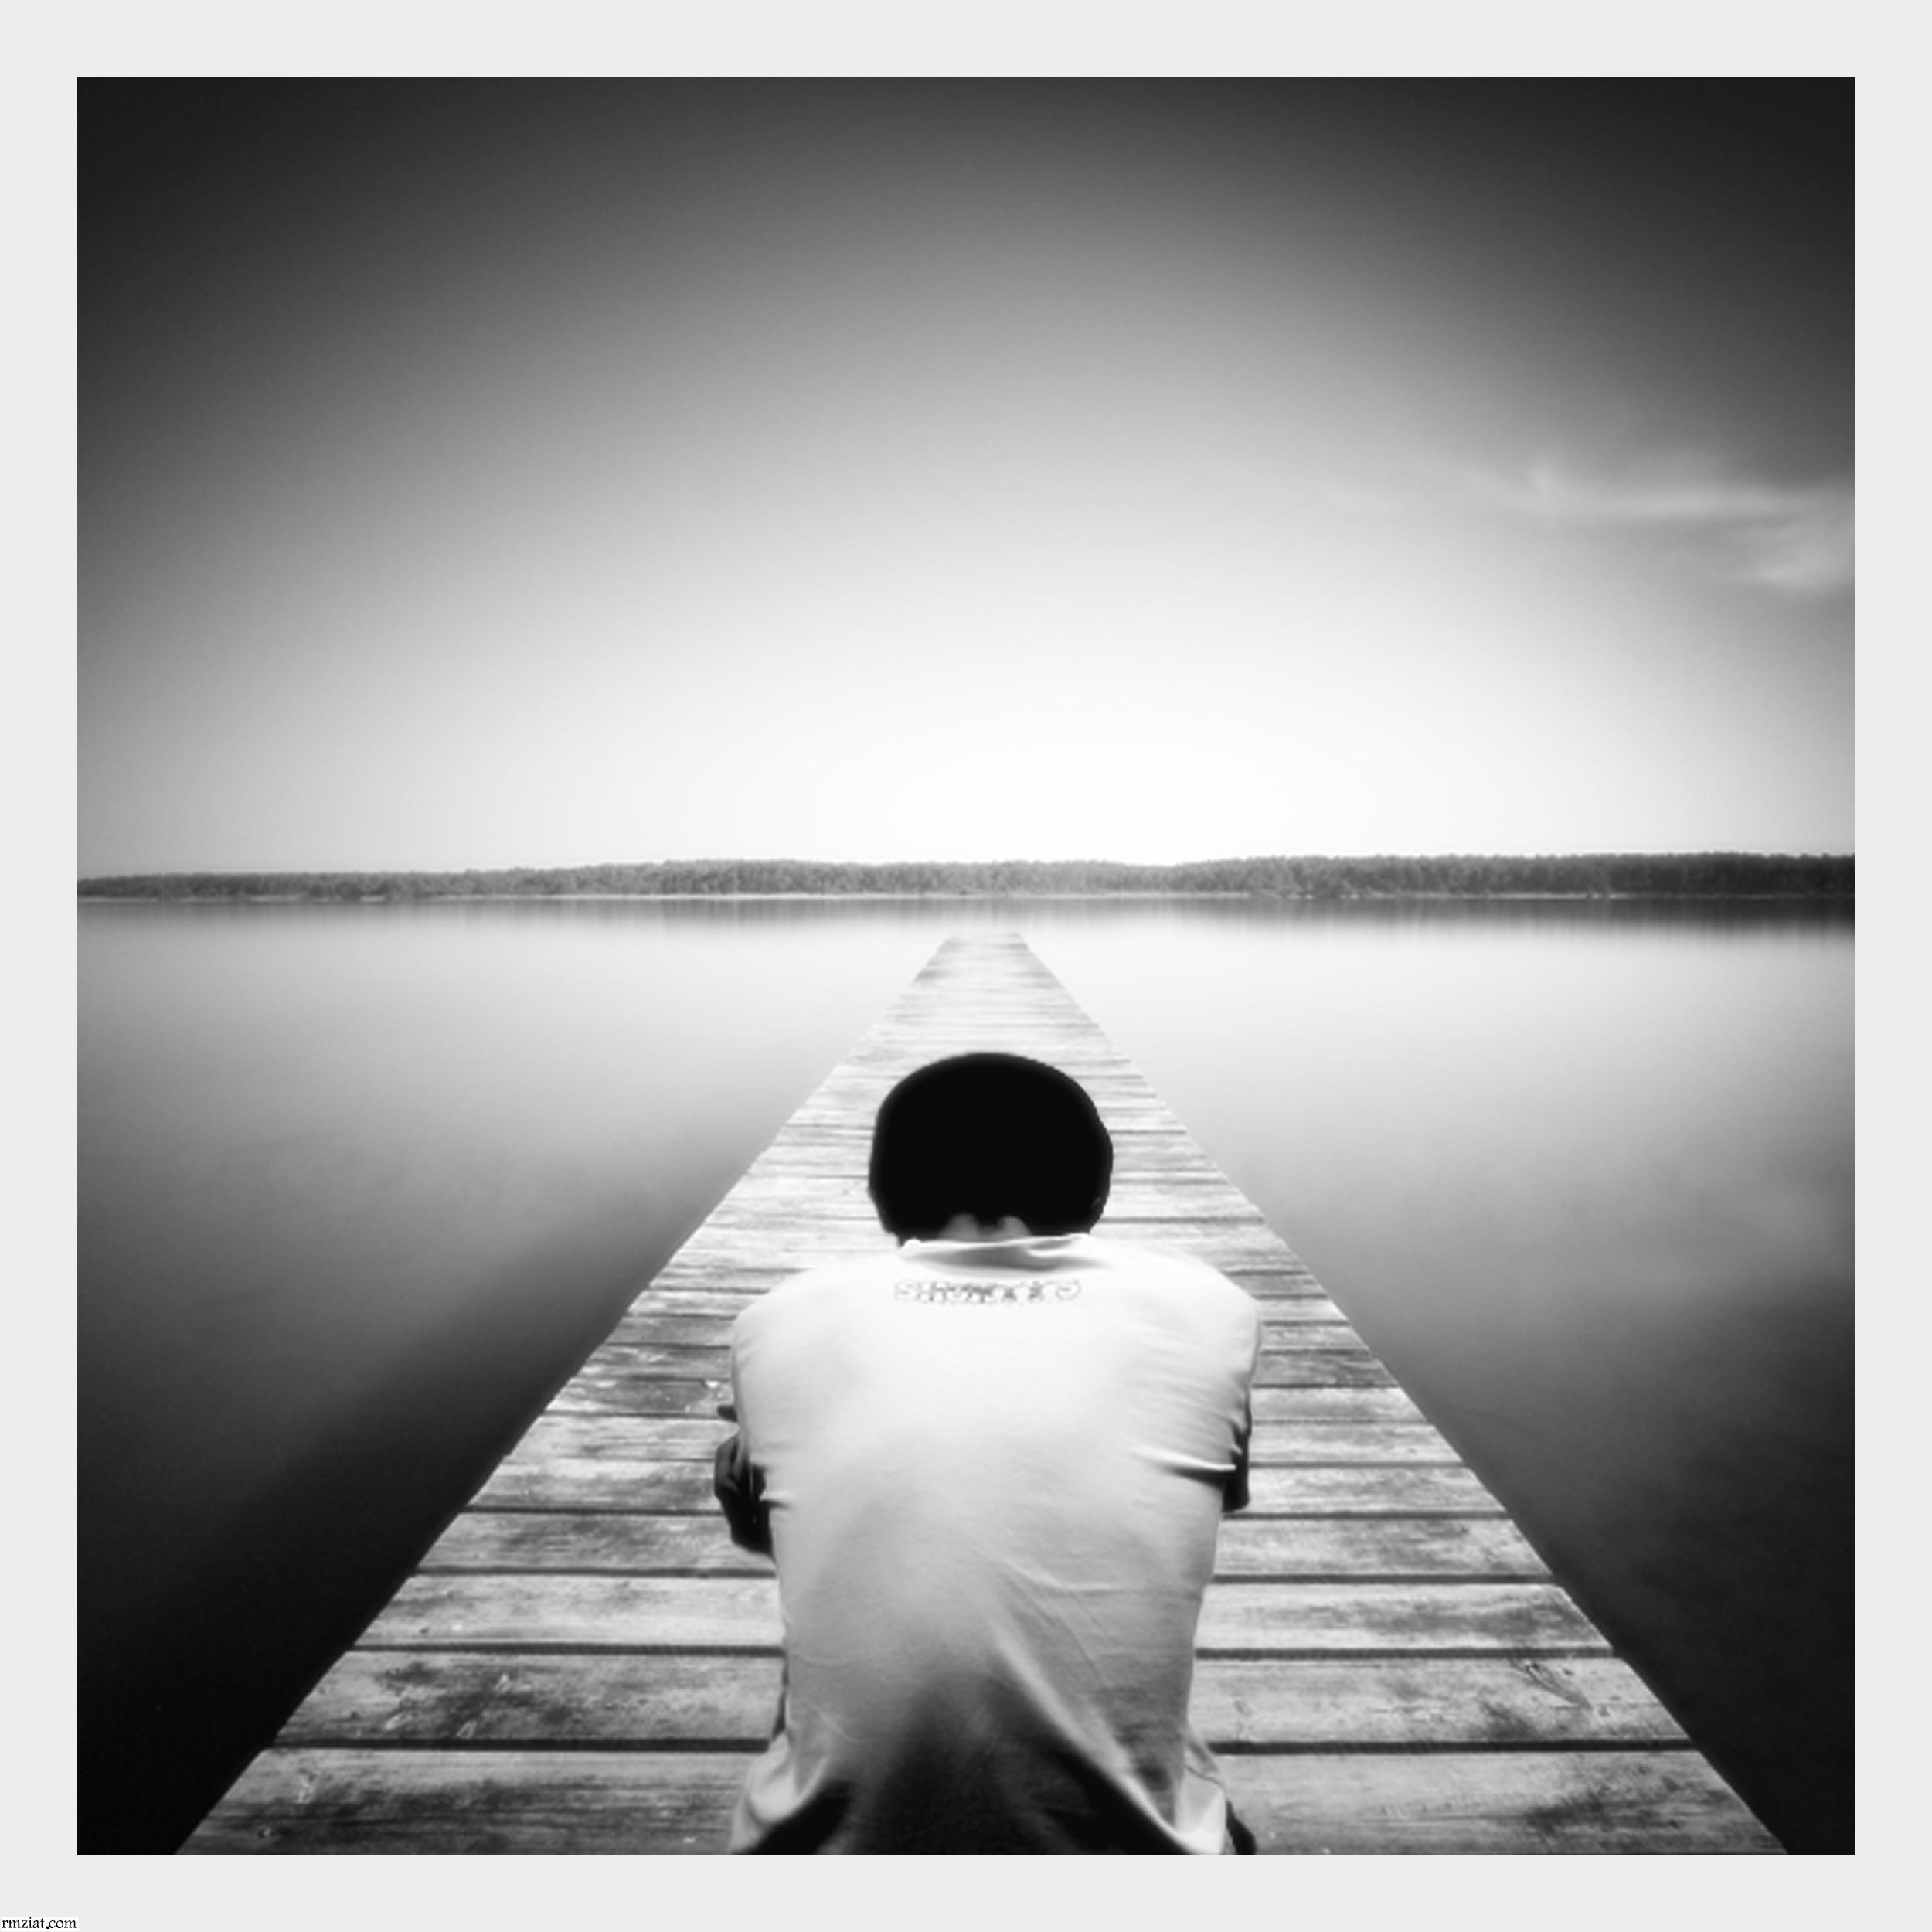 بالصور صور حزينه للفيس , الحزن فى صورة توضع على الفيس بوك 5418 1